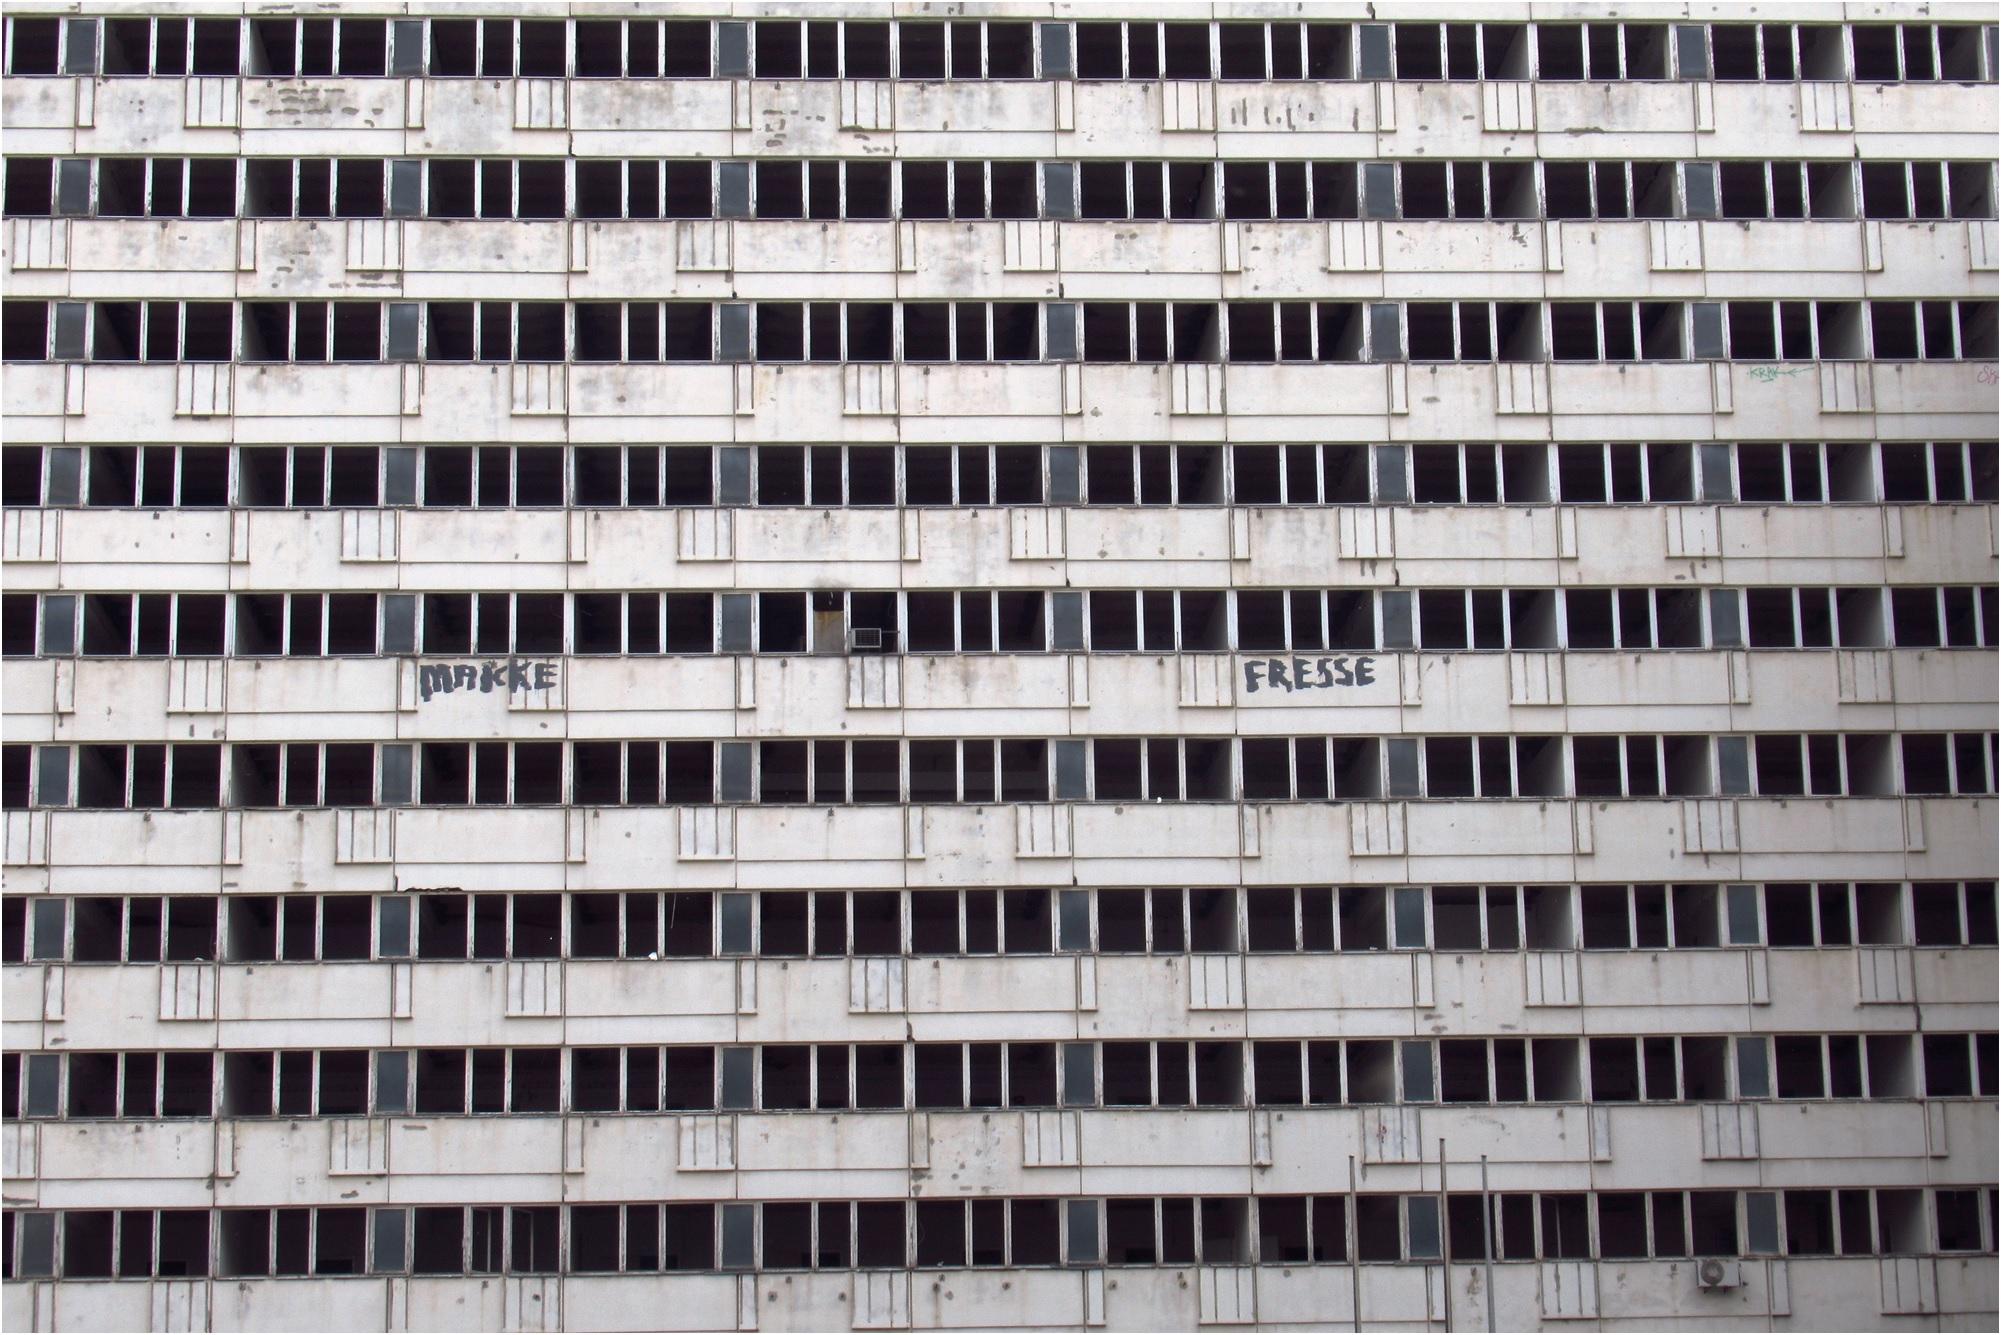 Alexanderplatz derelict flats